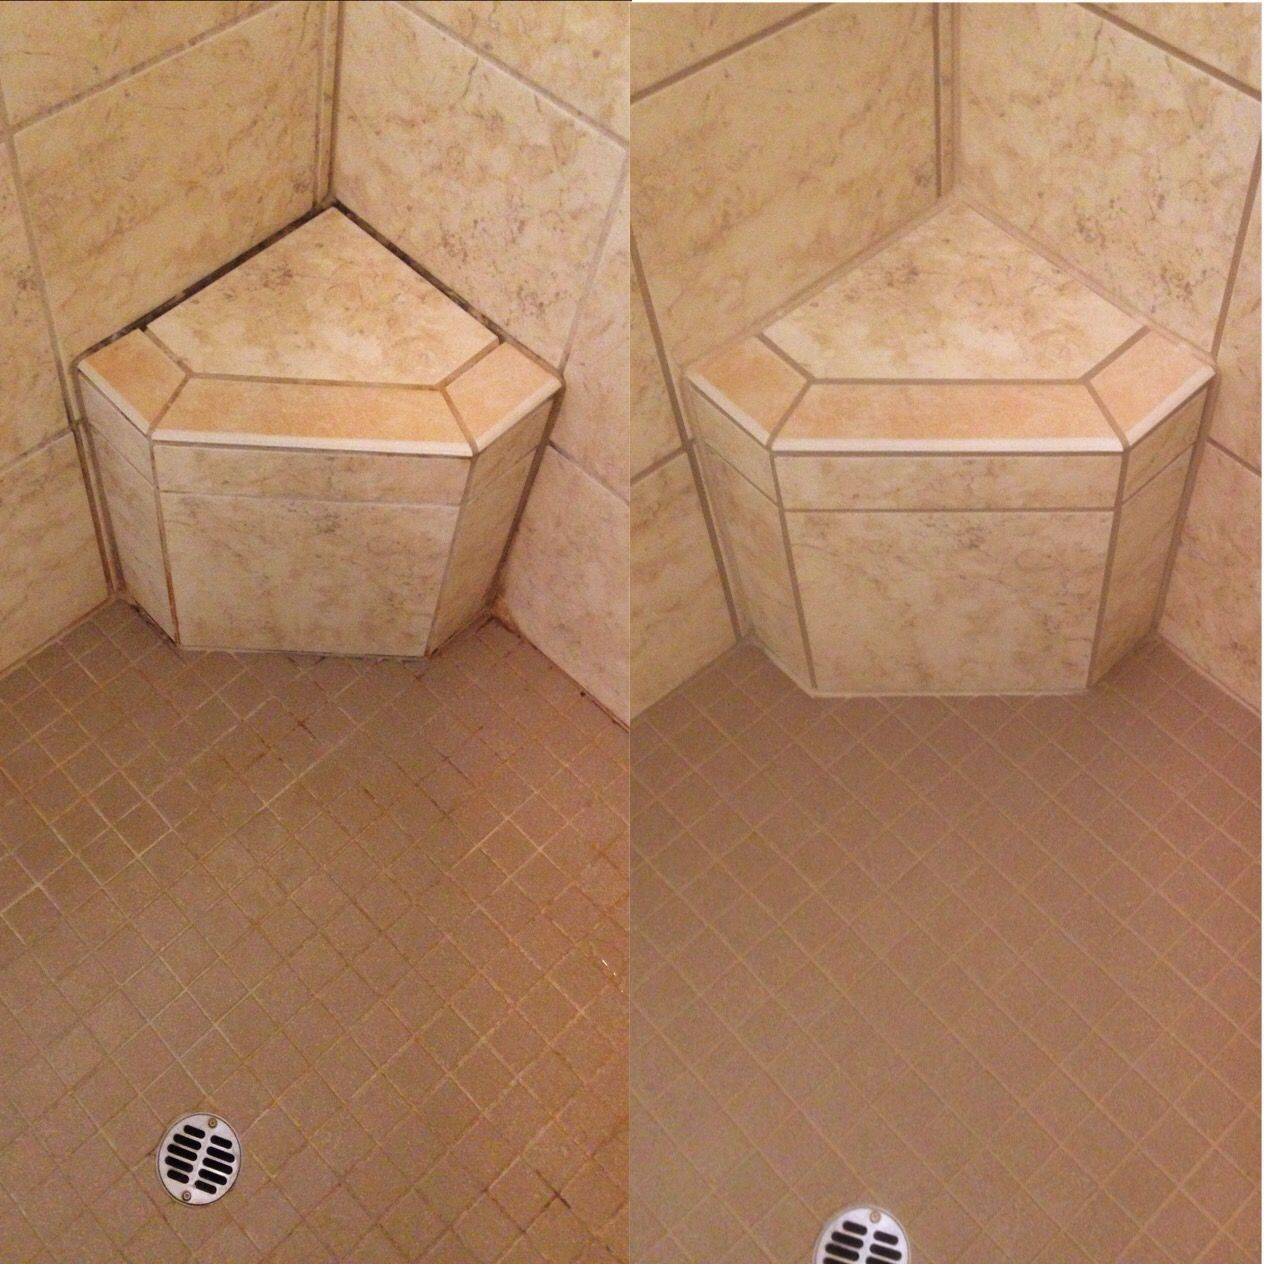 Shower Tile Grout Sealer